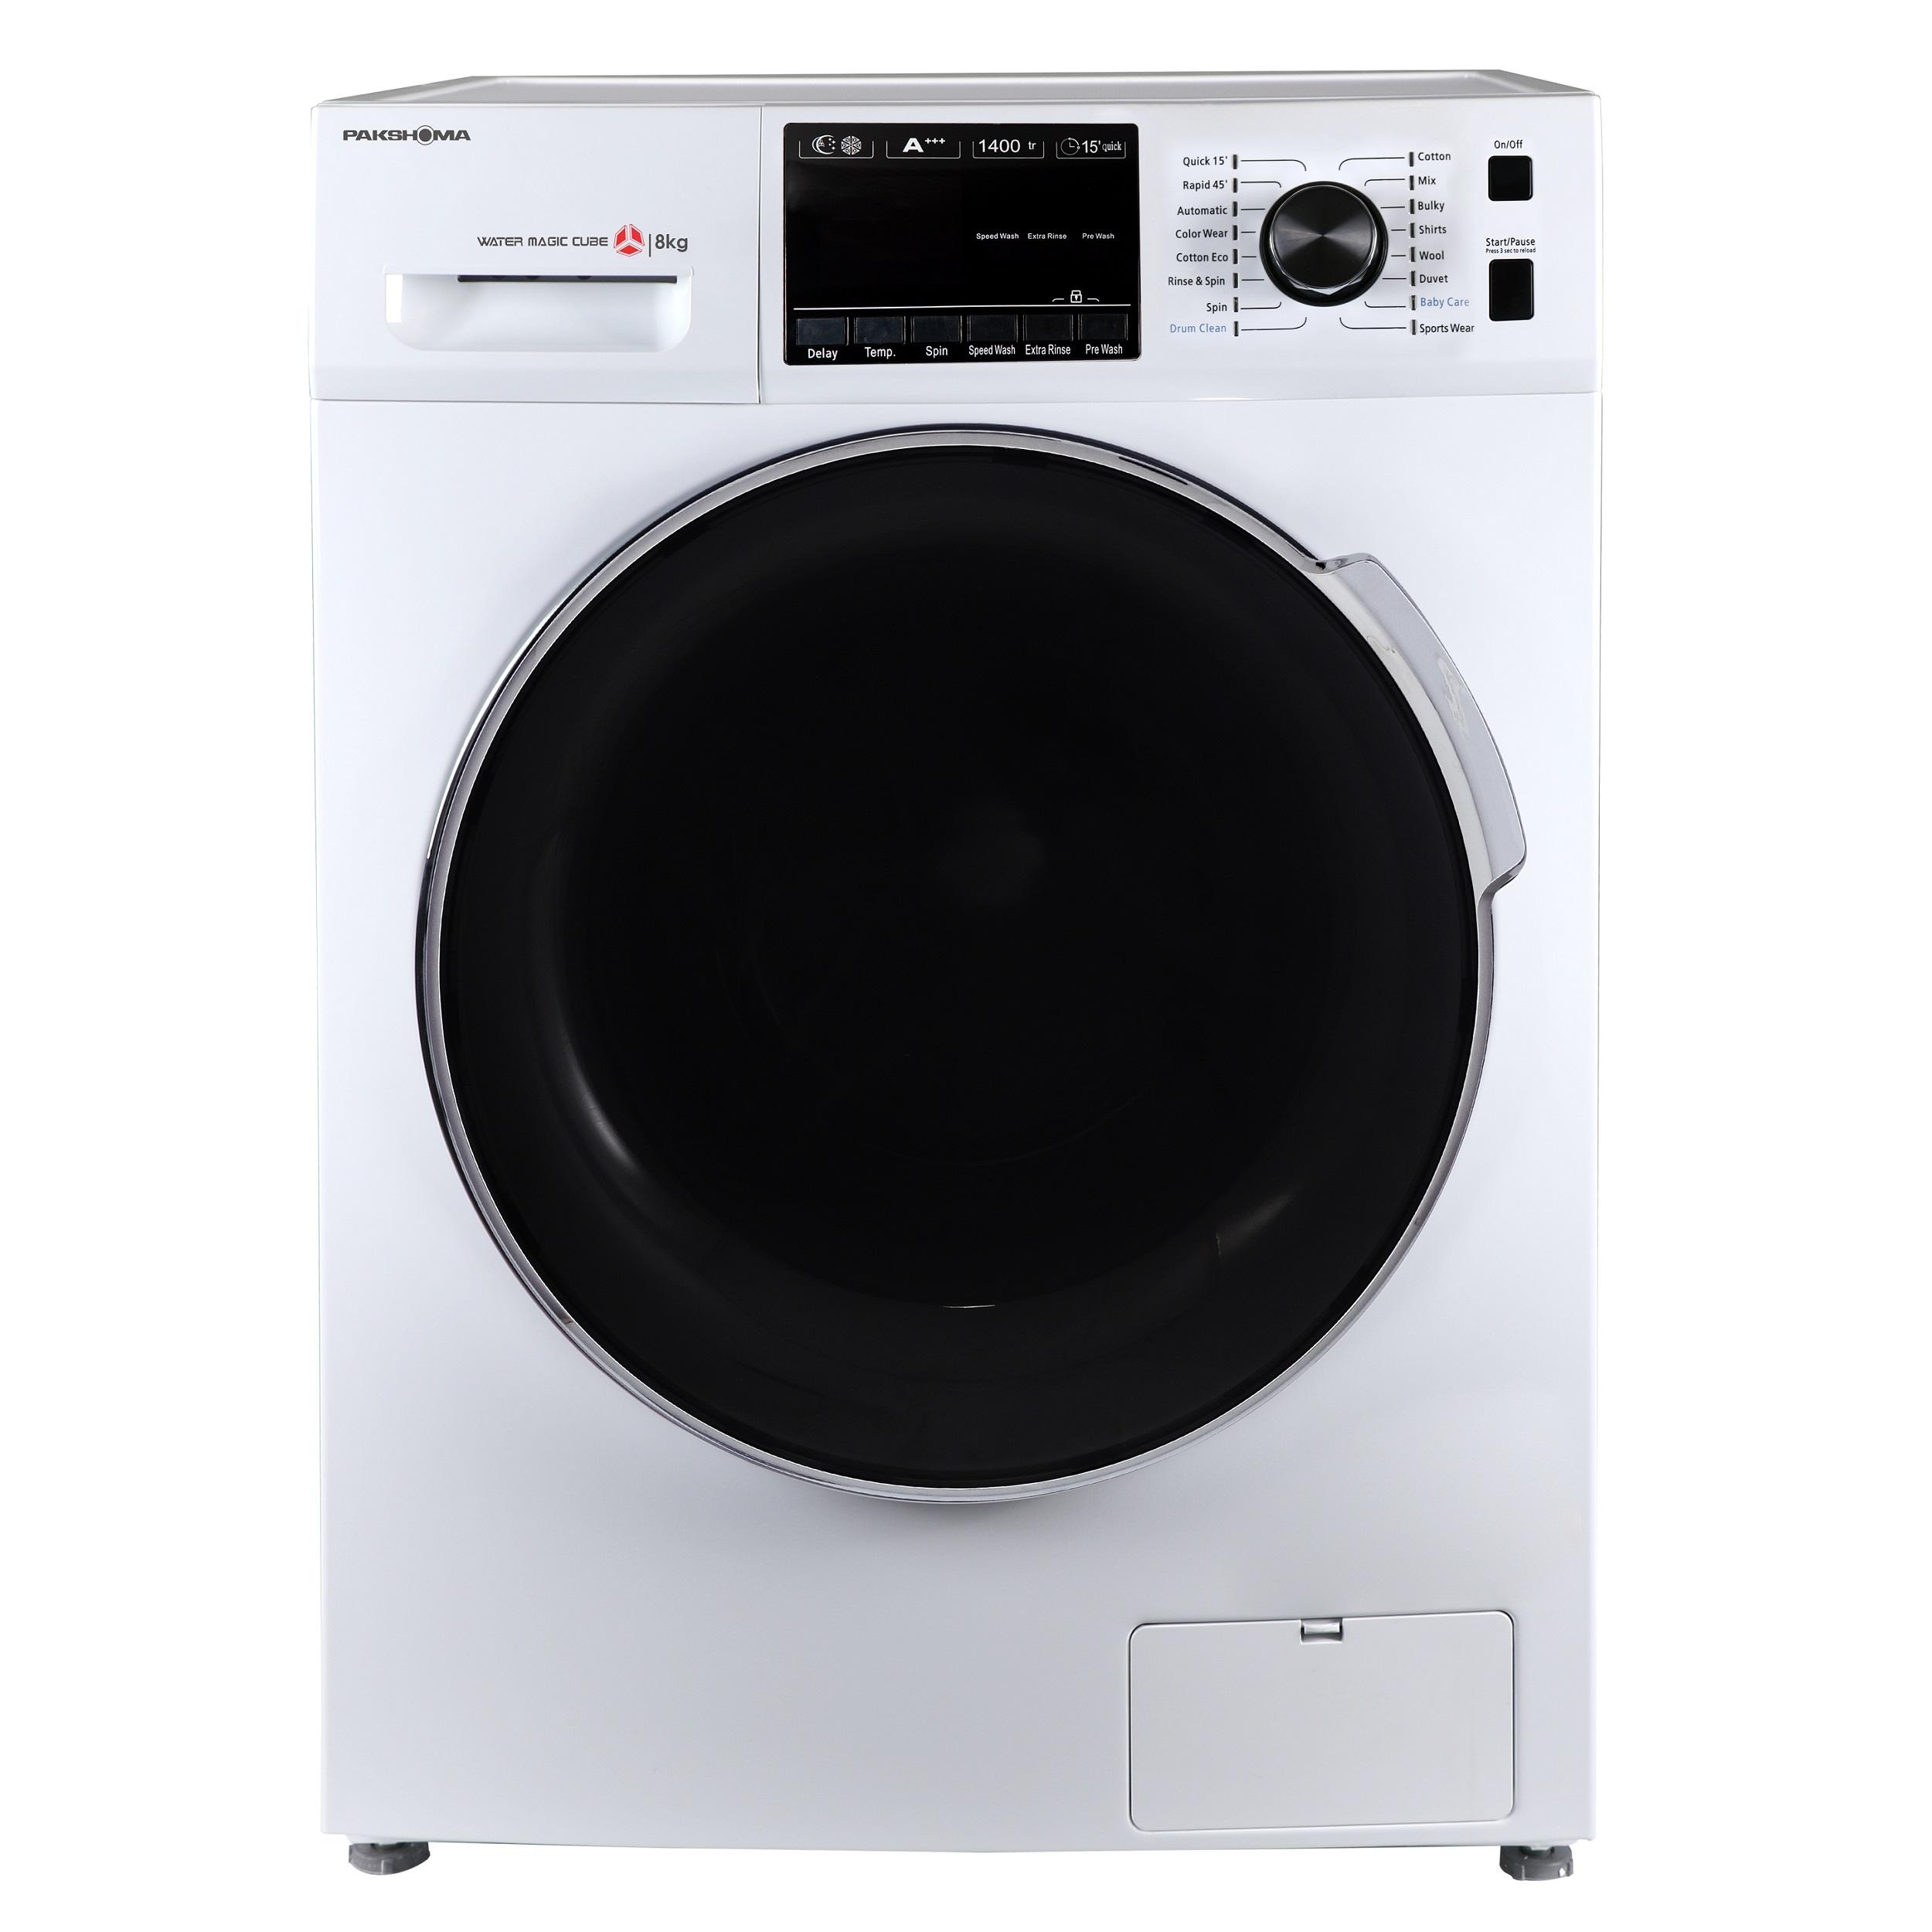 فروش نقدی و اقساطی ماشین لباسشویی پاکشوما مدل TFU-84407 ظرفیت 8 کیلوگرم